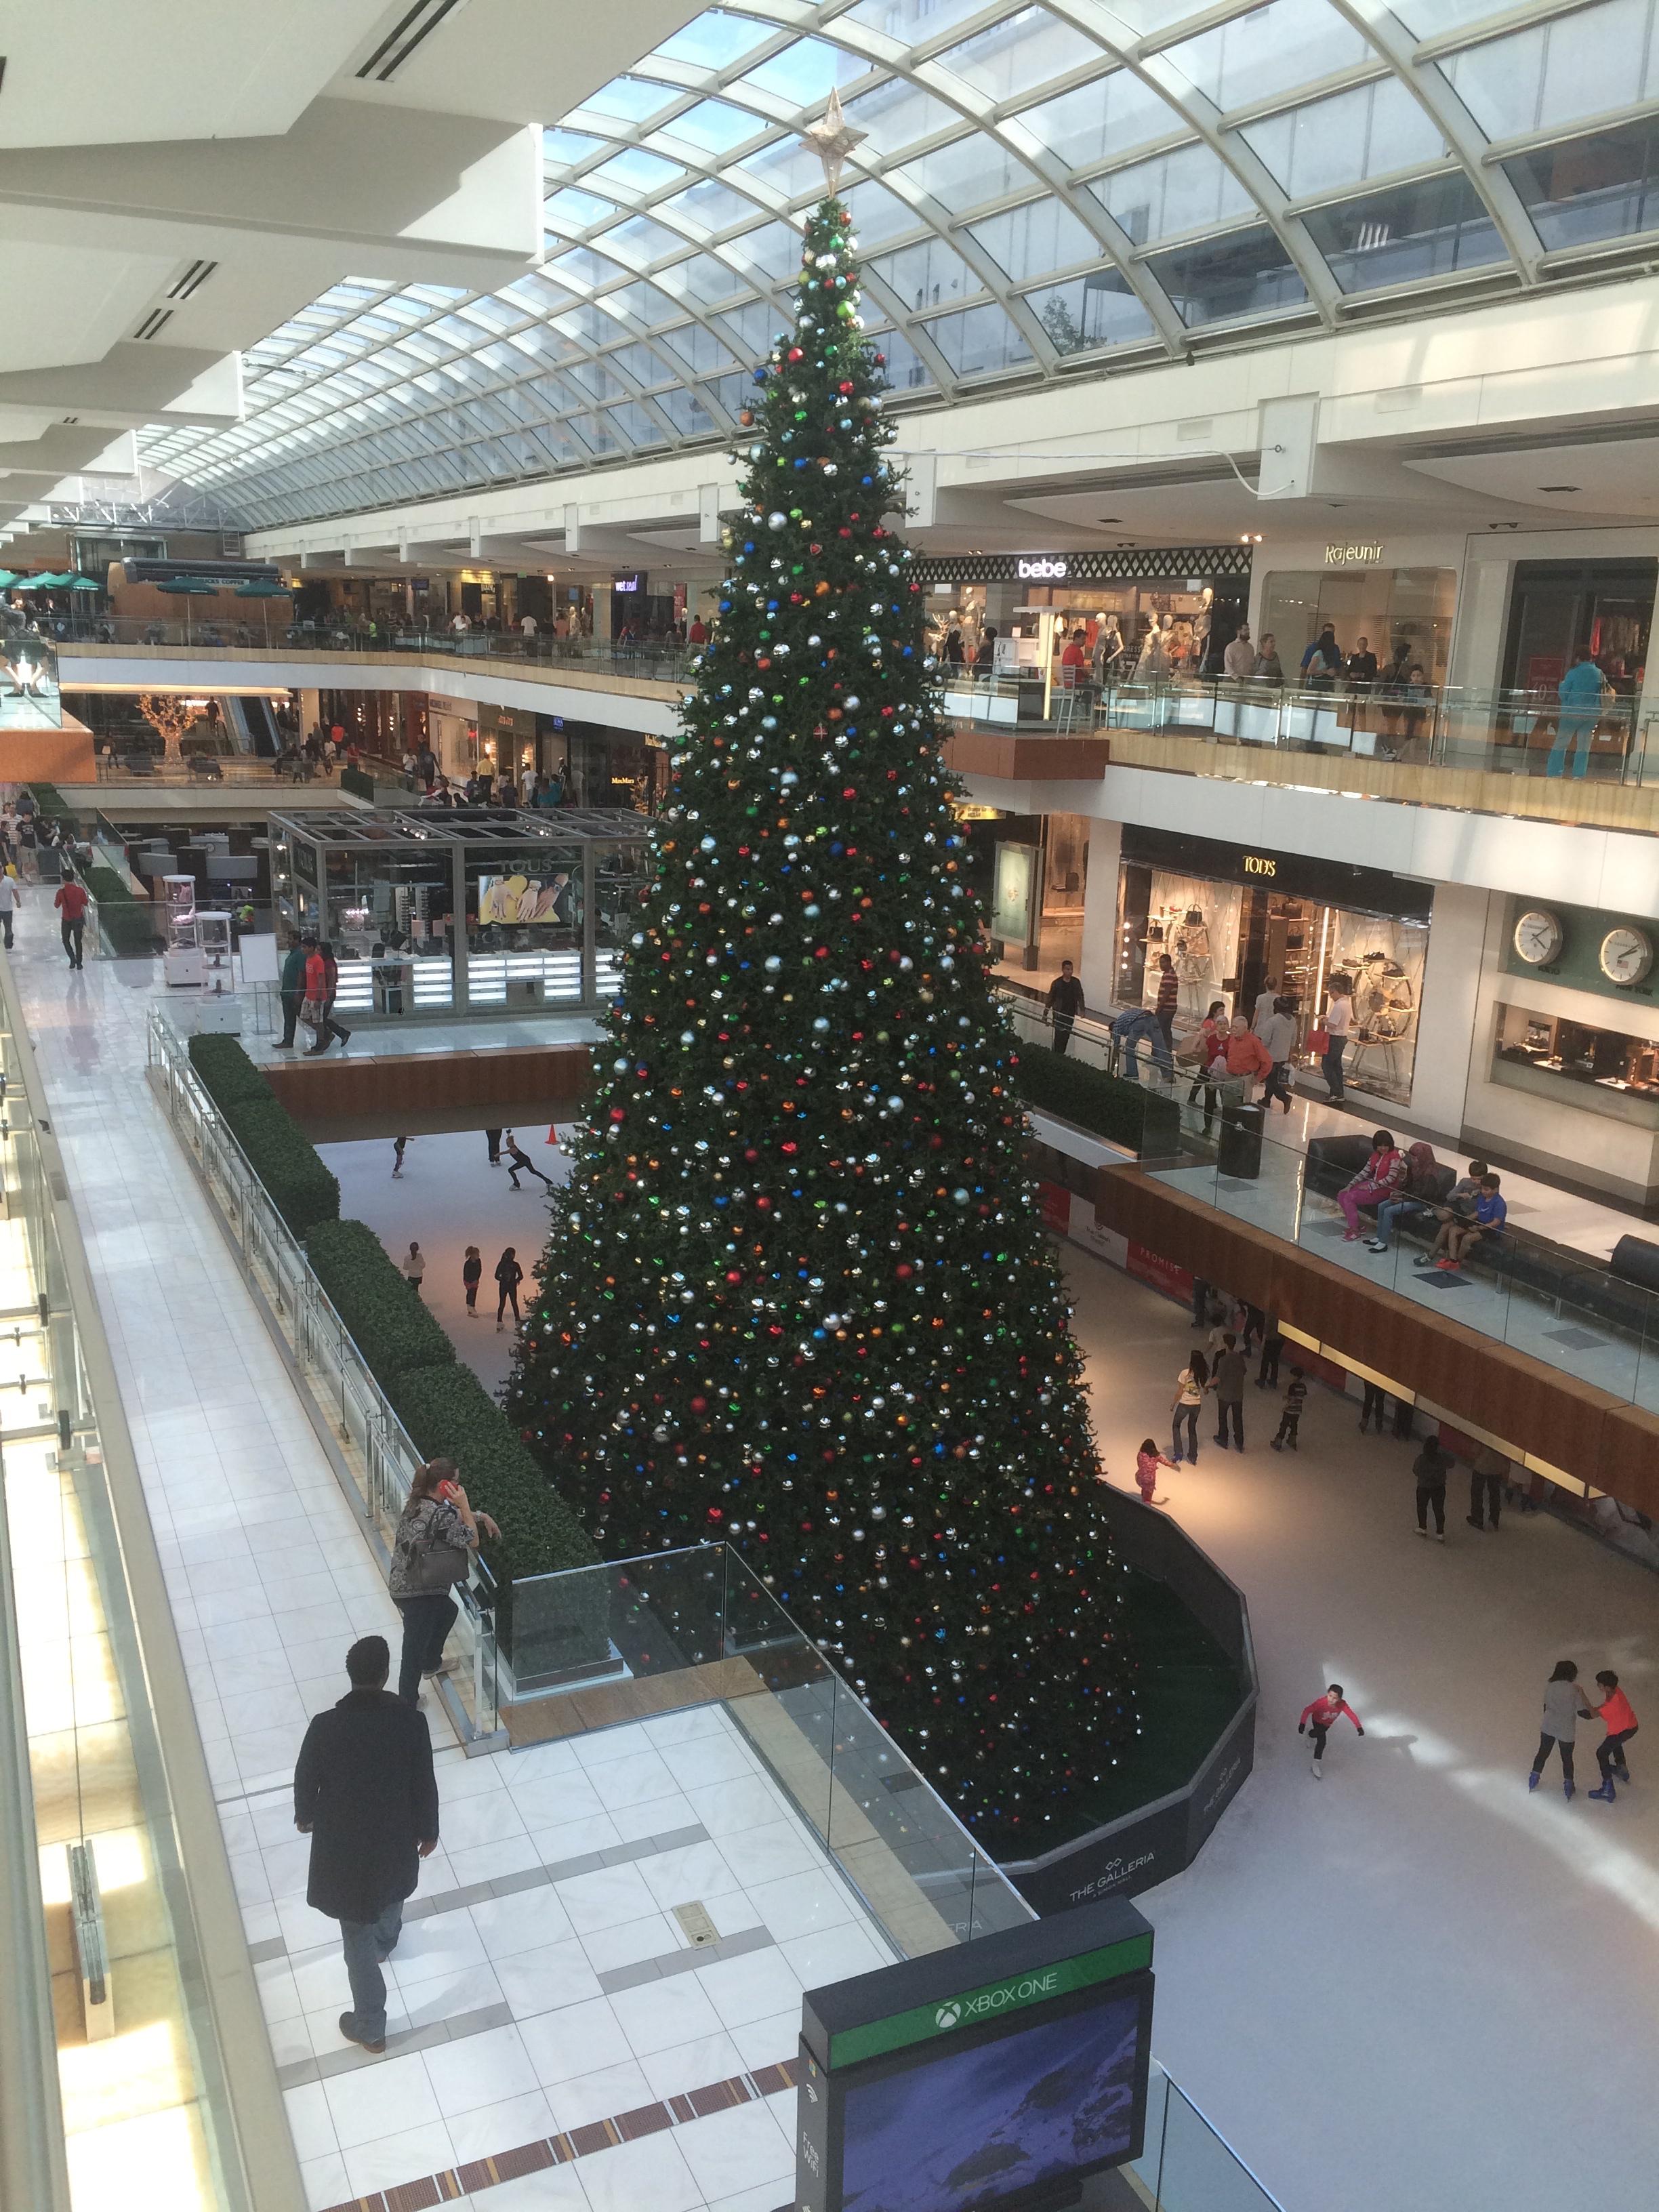 img_1482 - Christmas In Houston 2015